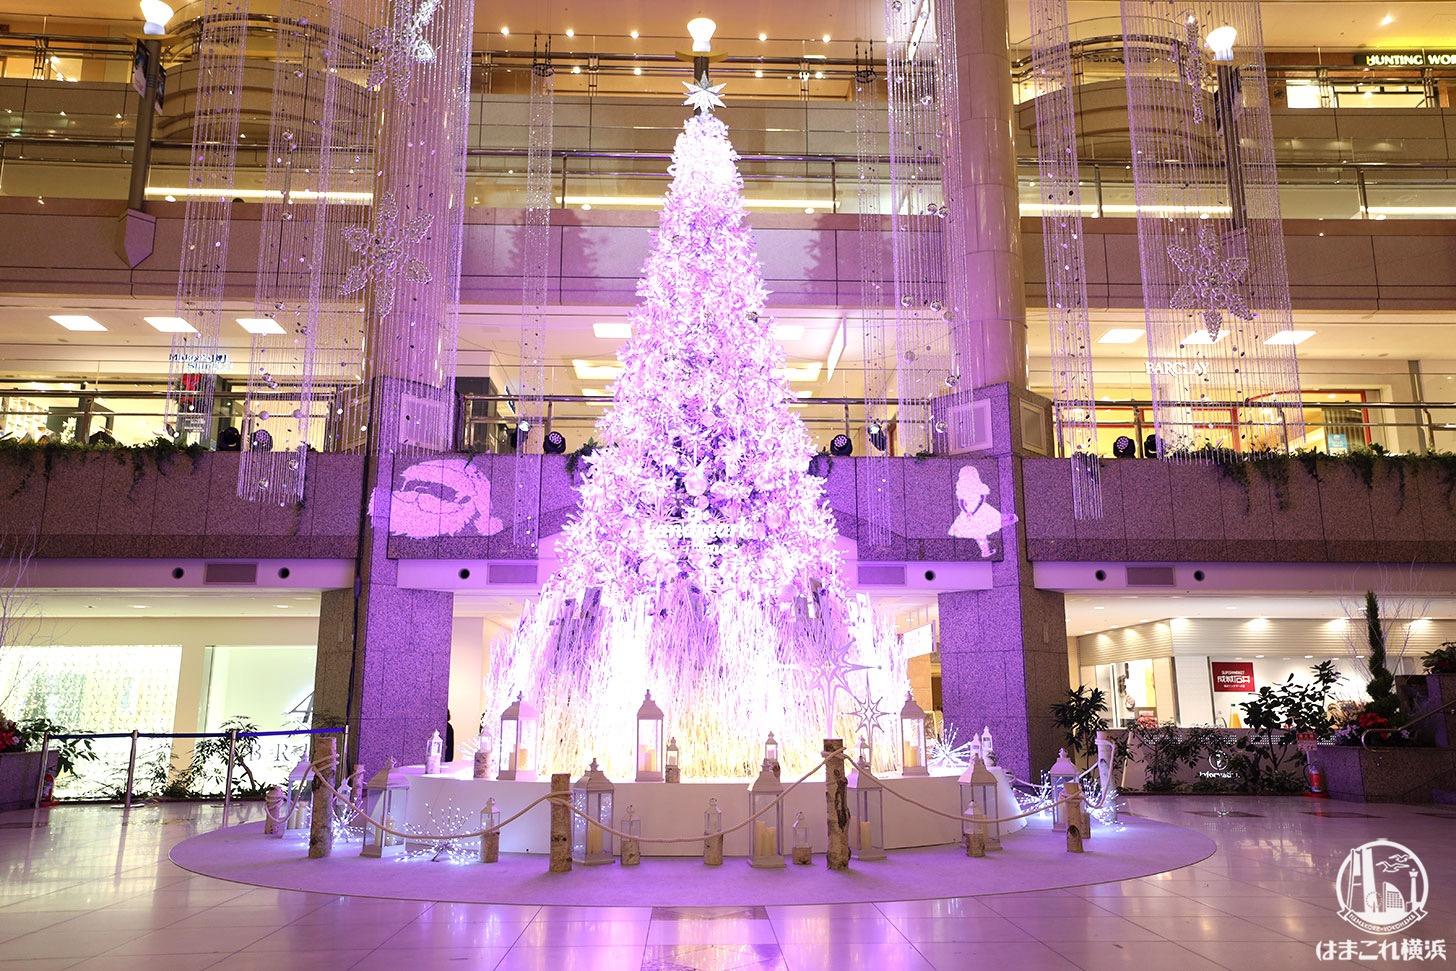 2020年 ランドマークプラザ「クリスマスツリー」ライトアップショー